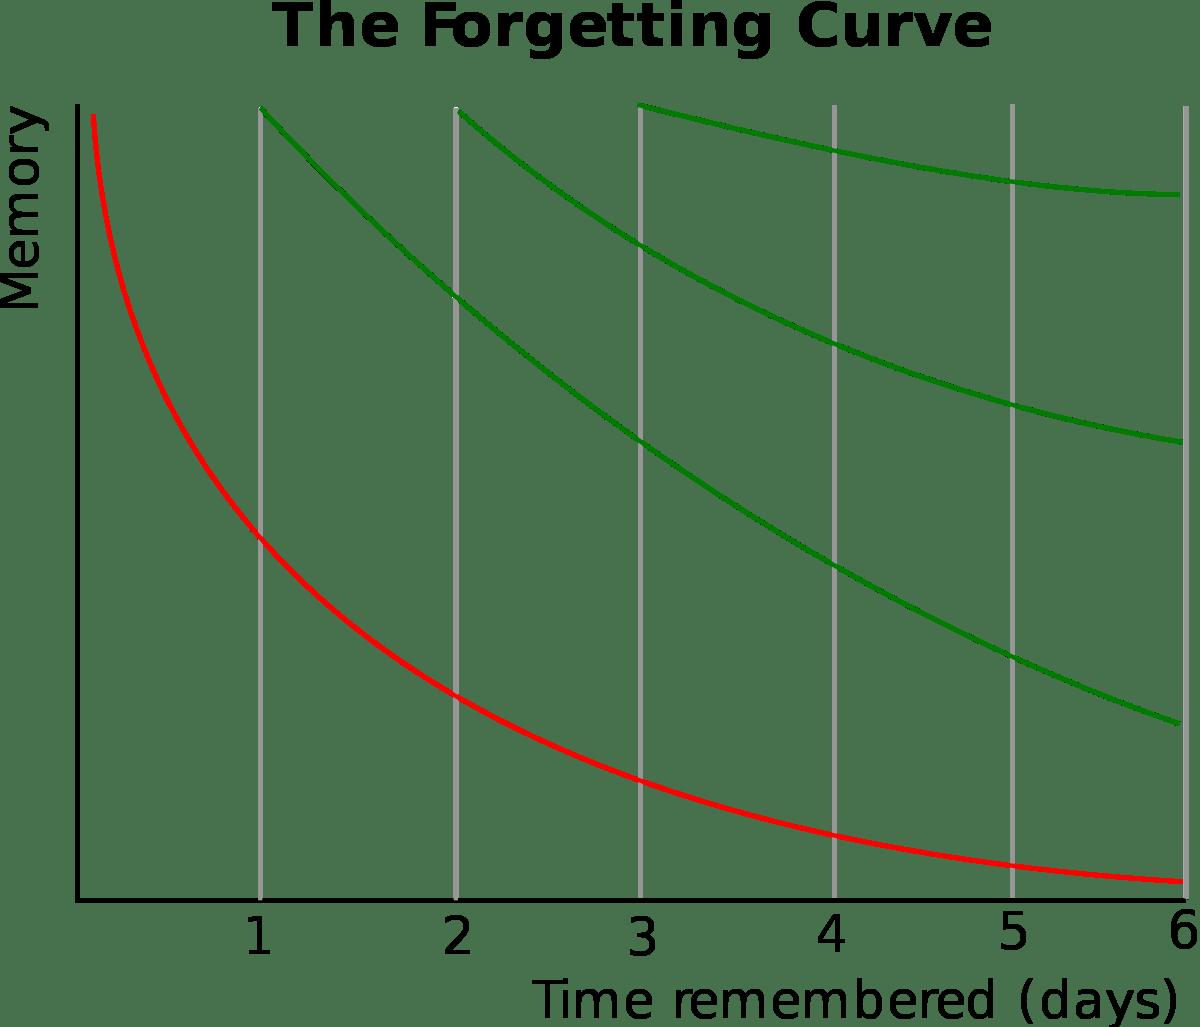 como afecta la curva del olvido en el estudio de una oposcion